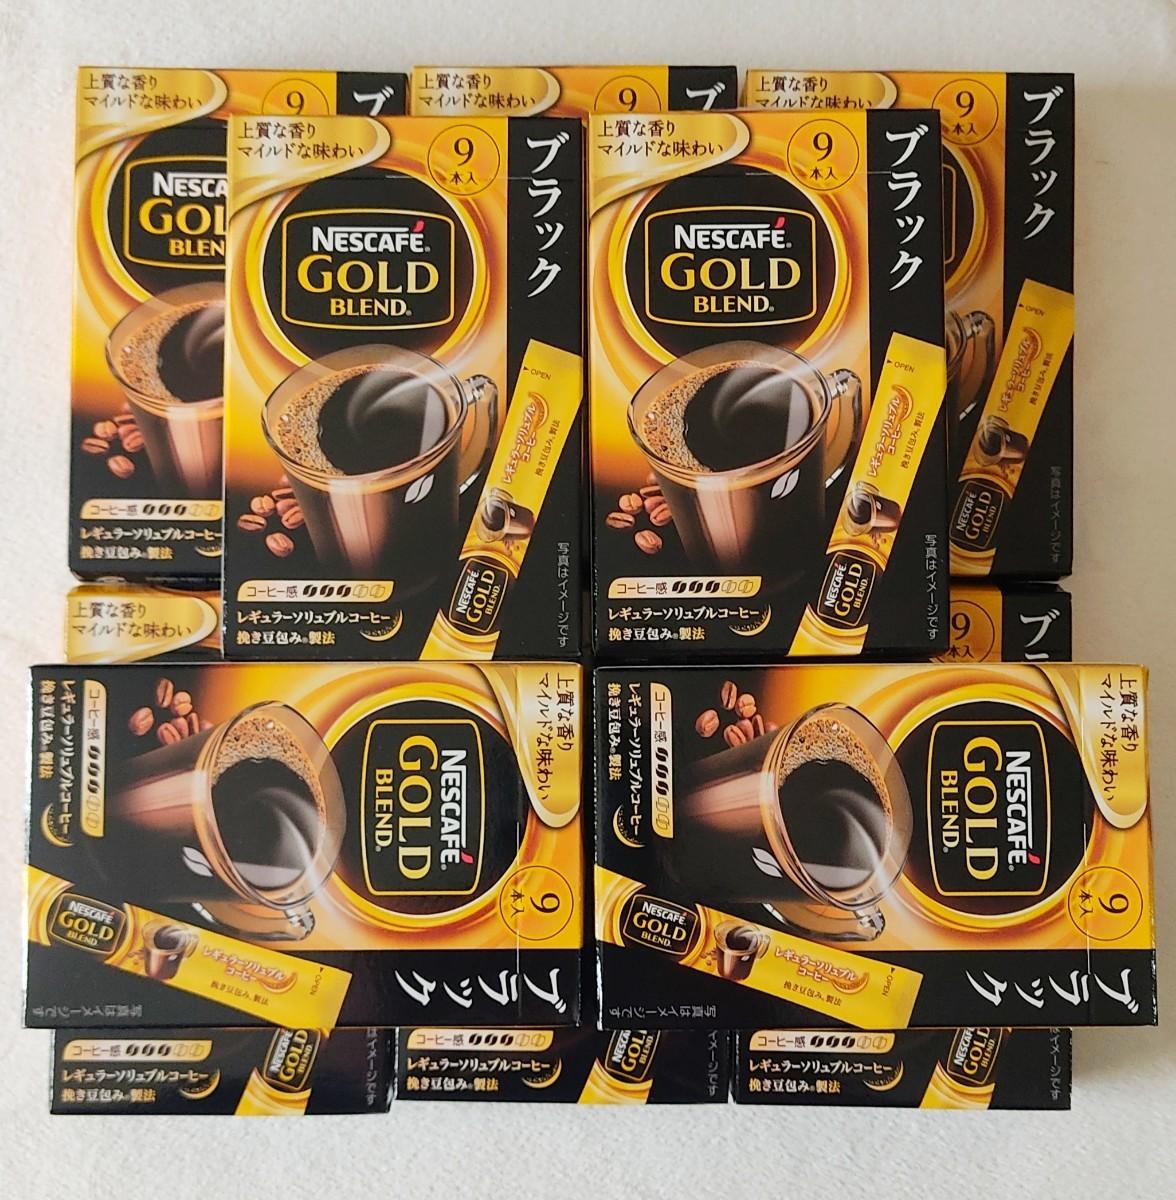 ネスカフェ ゴールドブレンド  スティックコーヒー 9本 10箱 ブラック